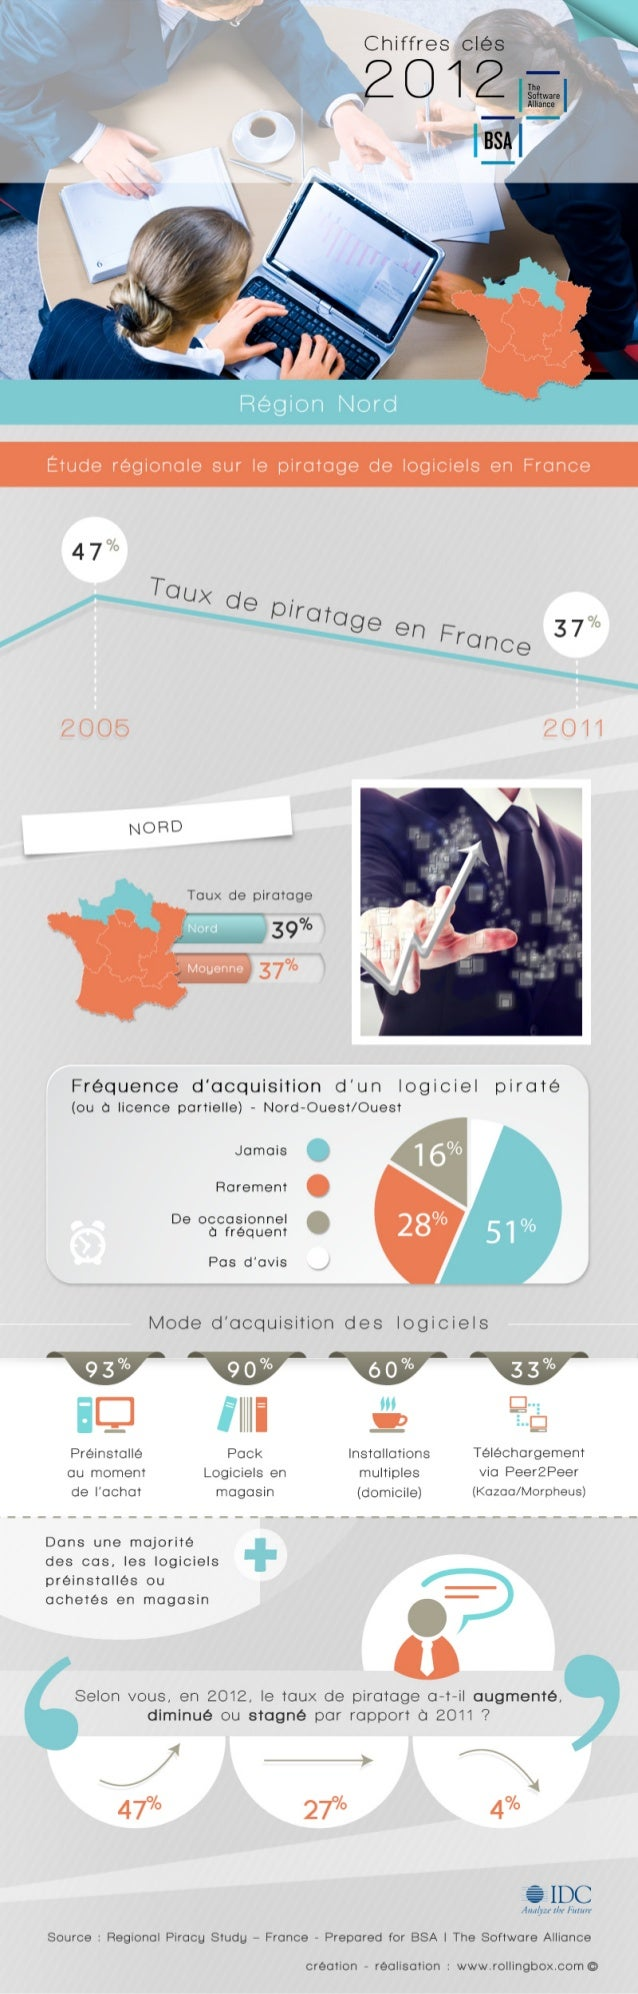 [Nord de la France] - Etude régionale sur le piratage de logiciels en France - BSA | The Software Alliance / IDC